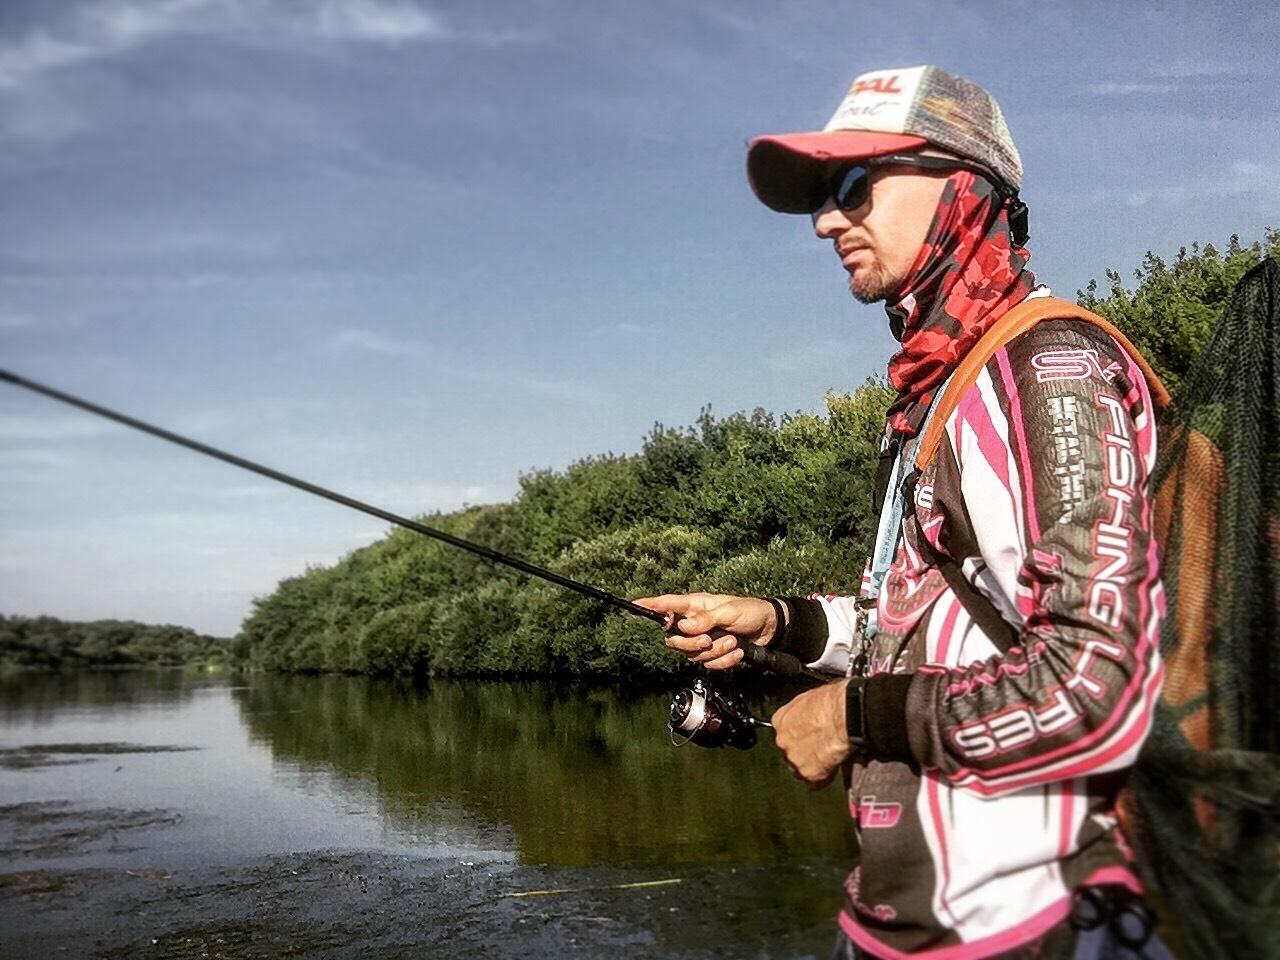 Универсальная приманка для спиннинга. виды рыб, которых можно поймать на микроколебалку?